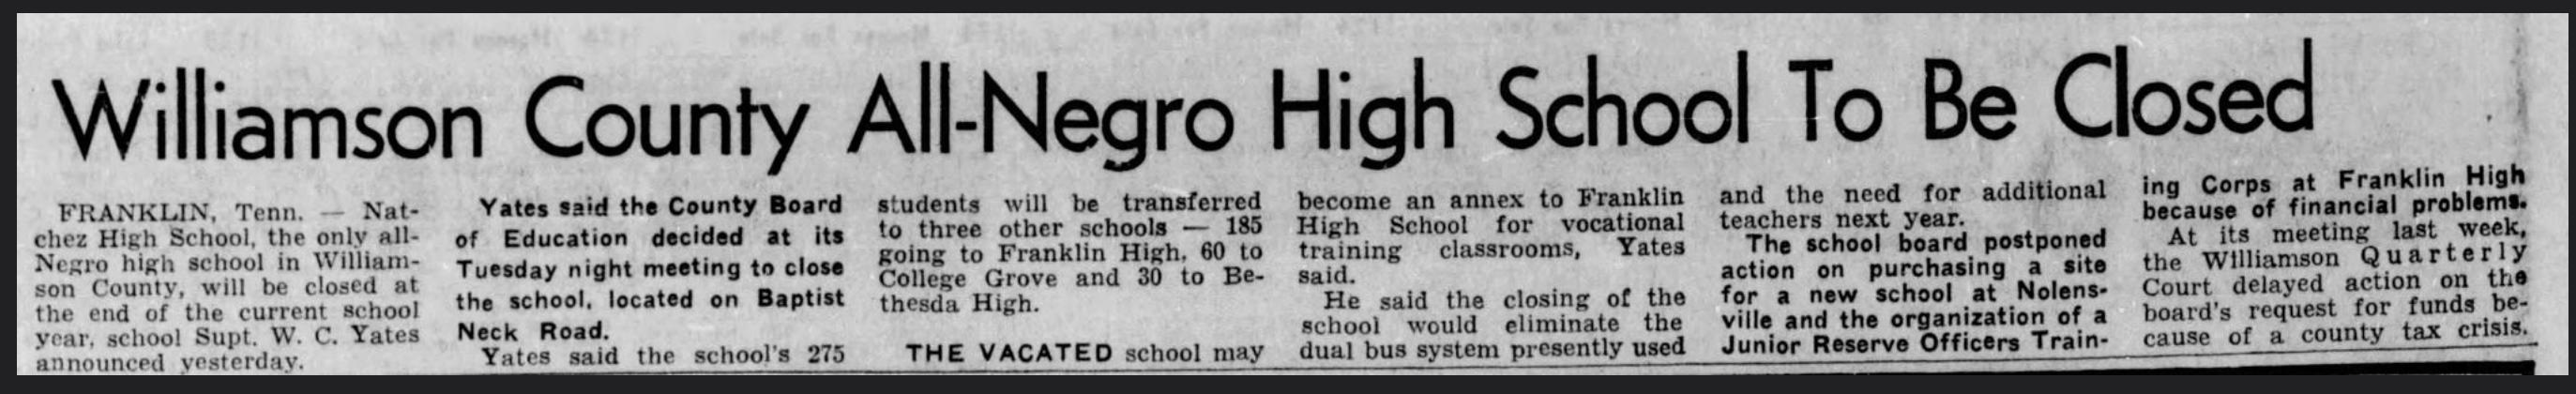 The_Tennessean_Fri__Jan_13__1967_ Natchez High School closed in 1967